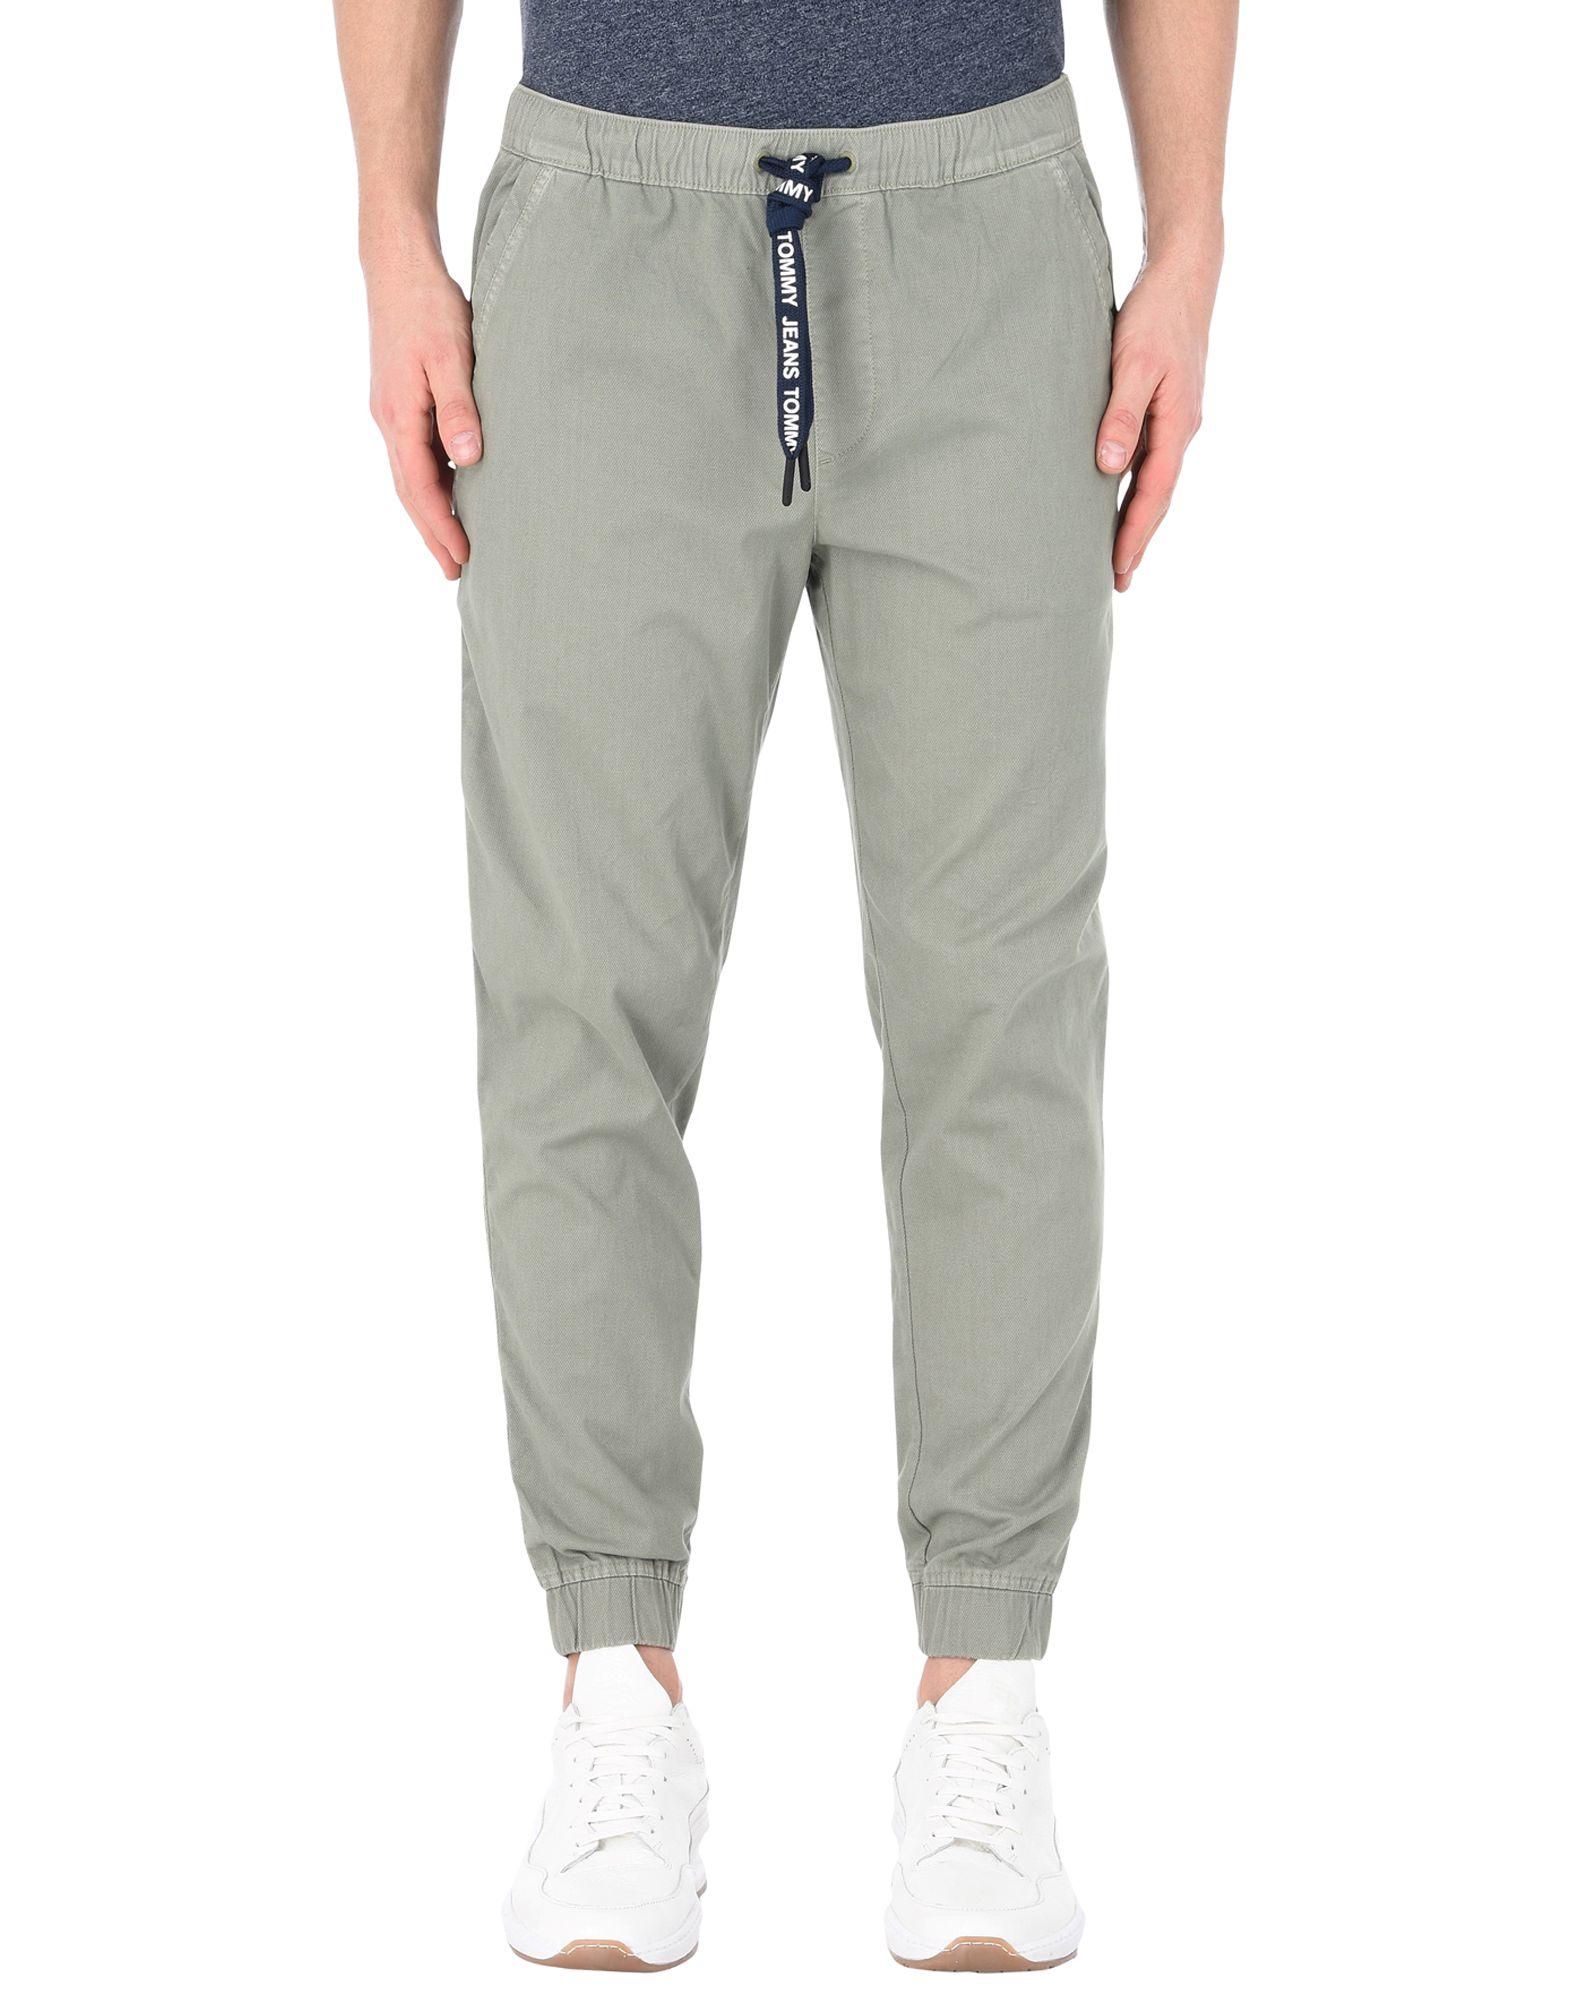 Pantalone Tommy Jeans Tjm Relax Dobby Jog Chino - Uomo - Acquista online su